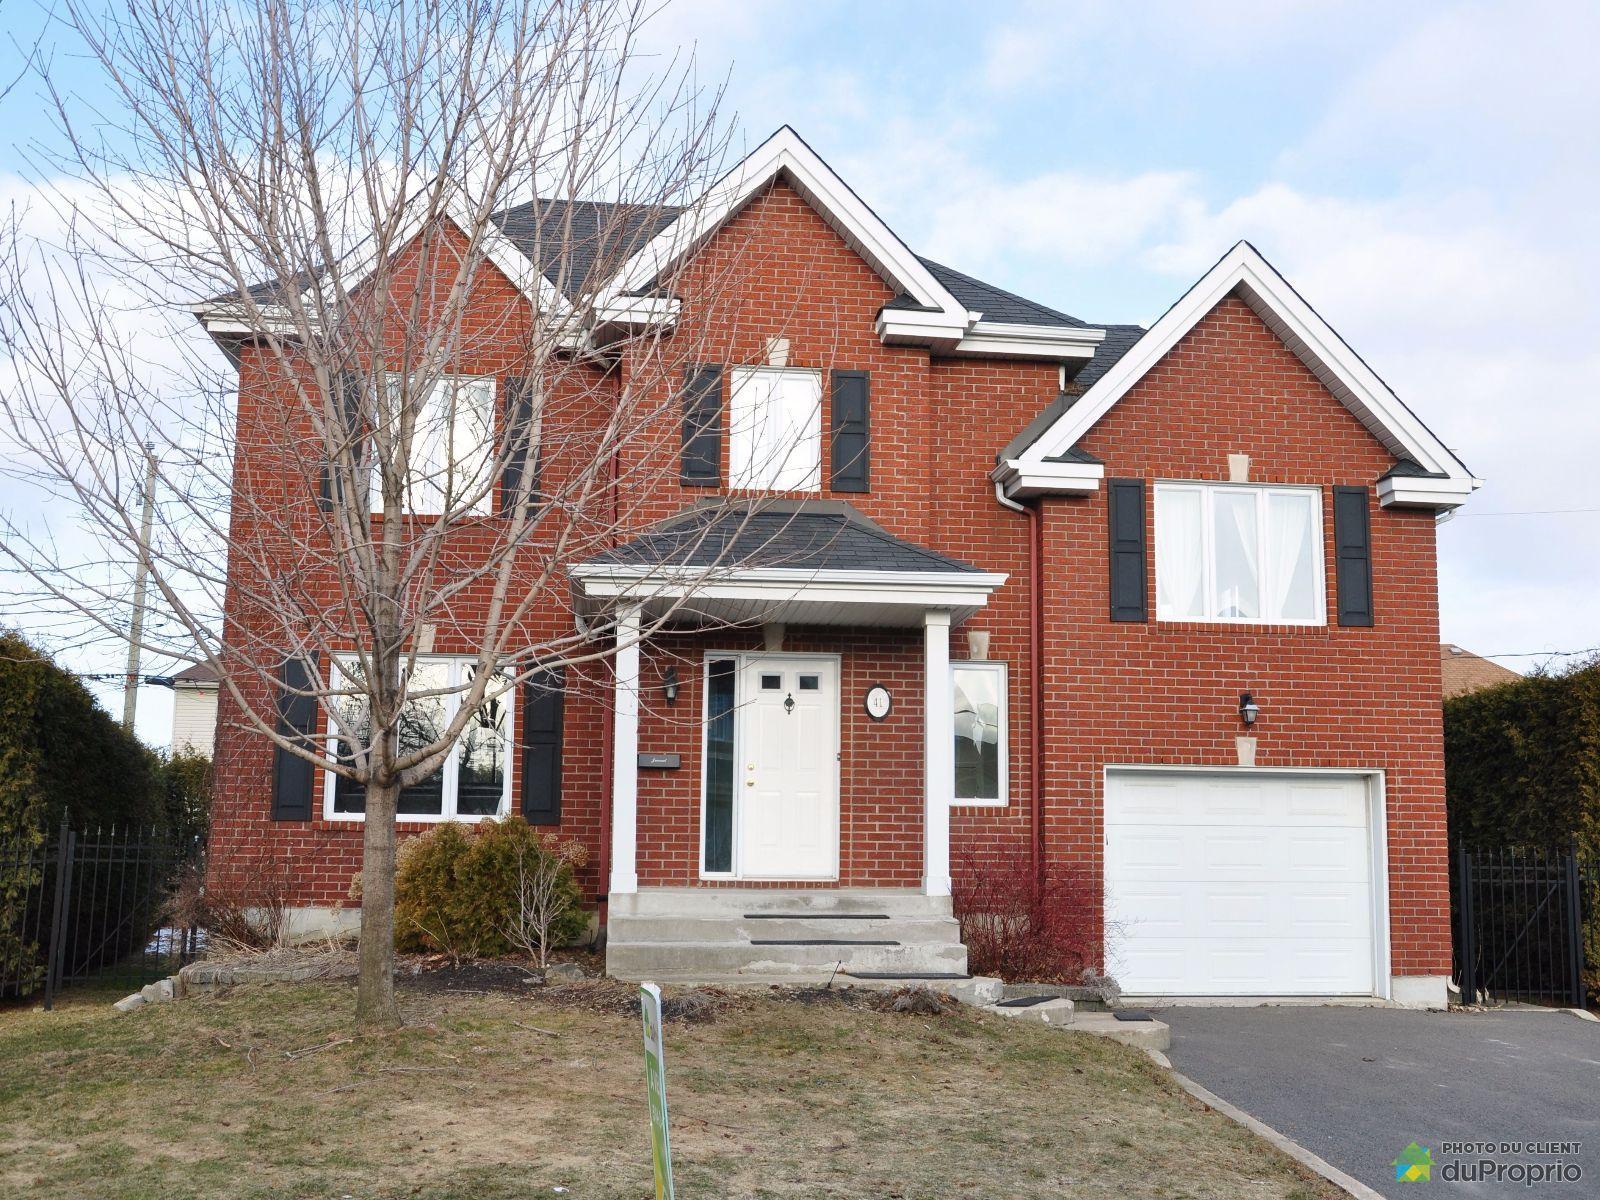 Maison vendre candiac 41 rue charente immobilier qu bec duproprio 670571 for Maison moderne a vendre candiac